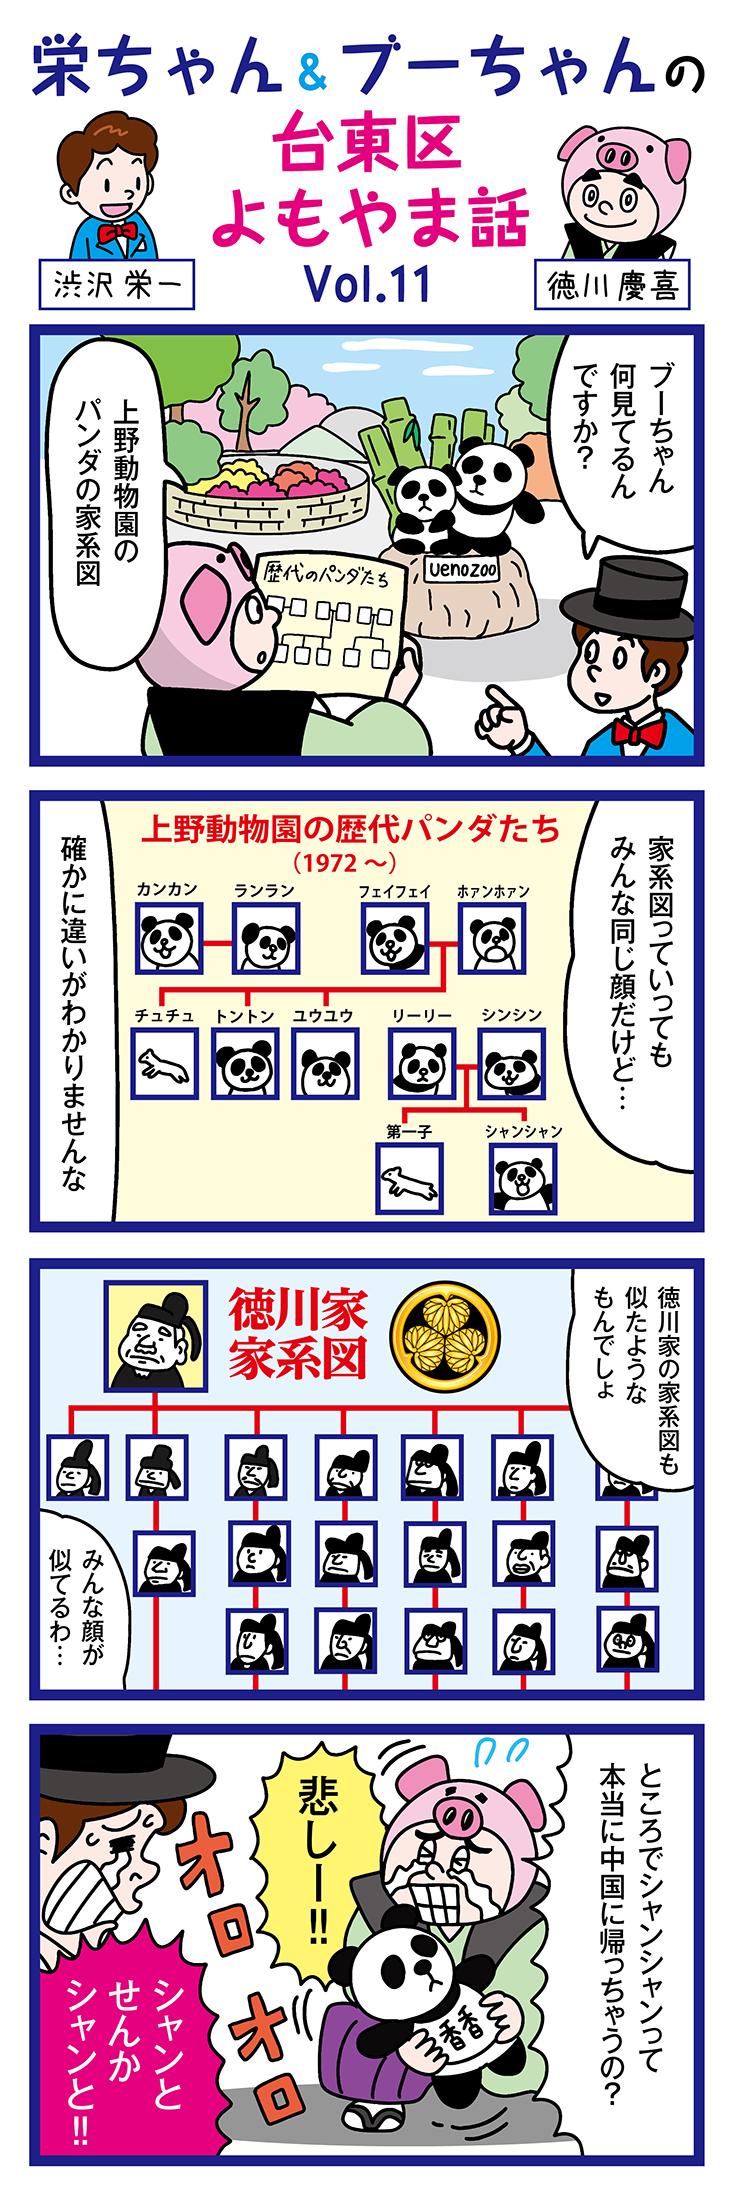 上野動物園とパンダのお話